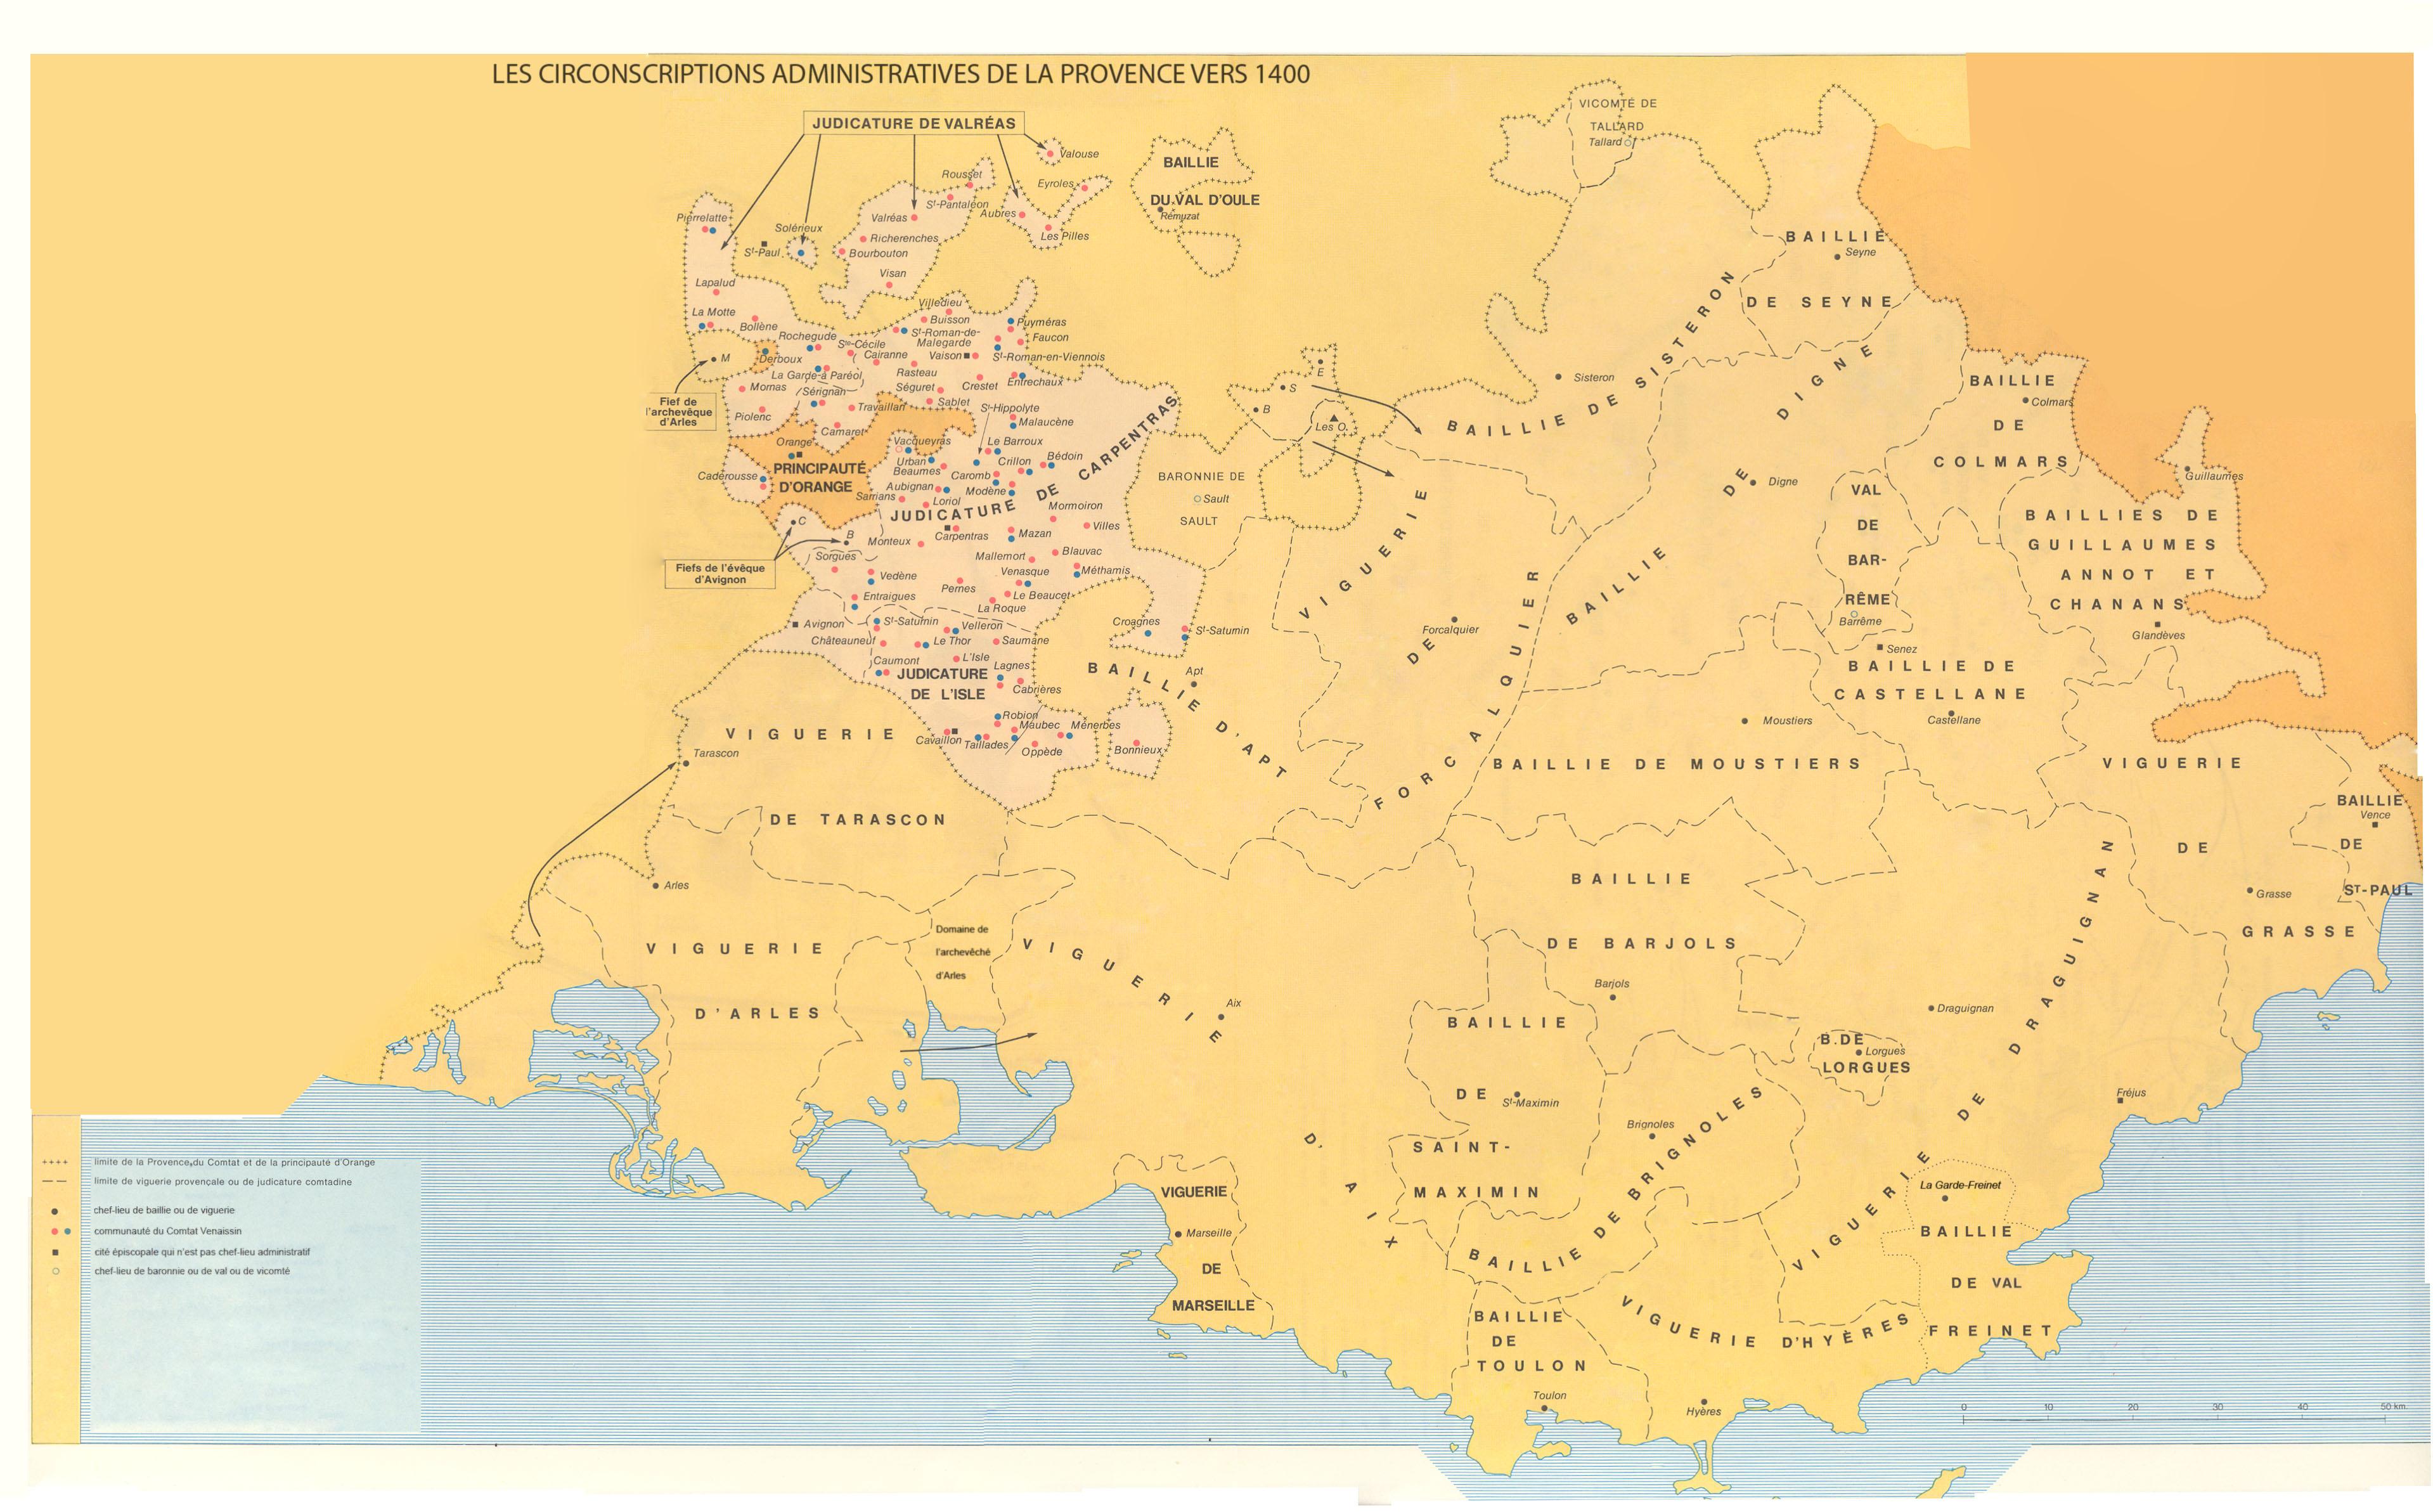 Les_circonscriptions_provence_1400